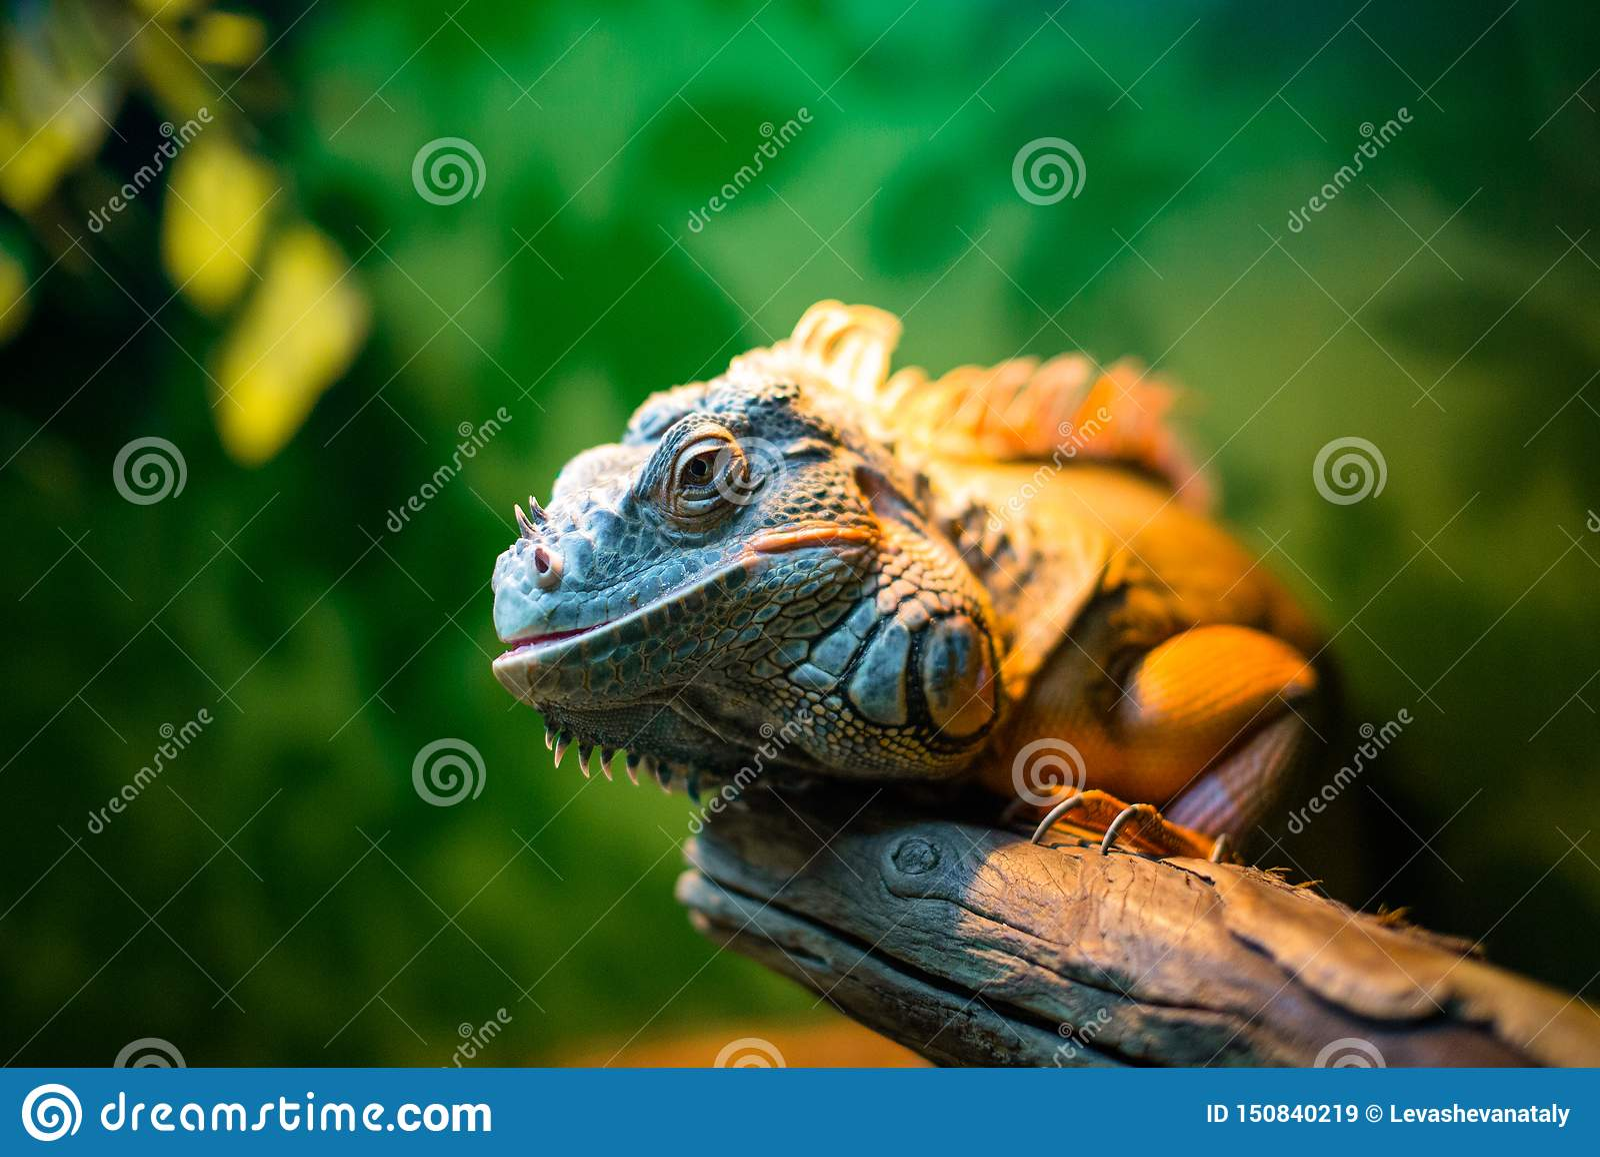 Leguaan op een tak in een contactdierentuin